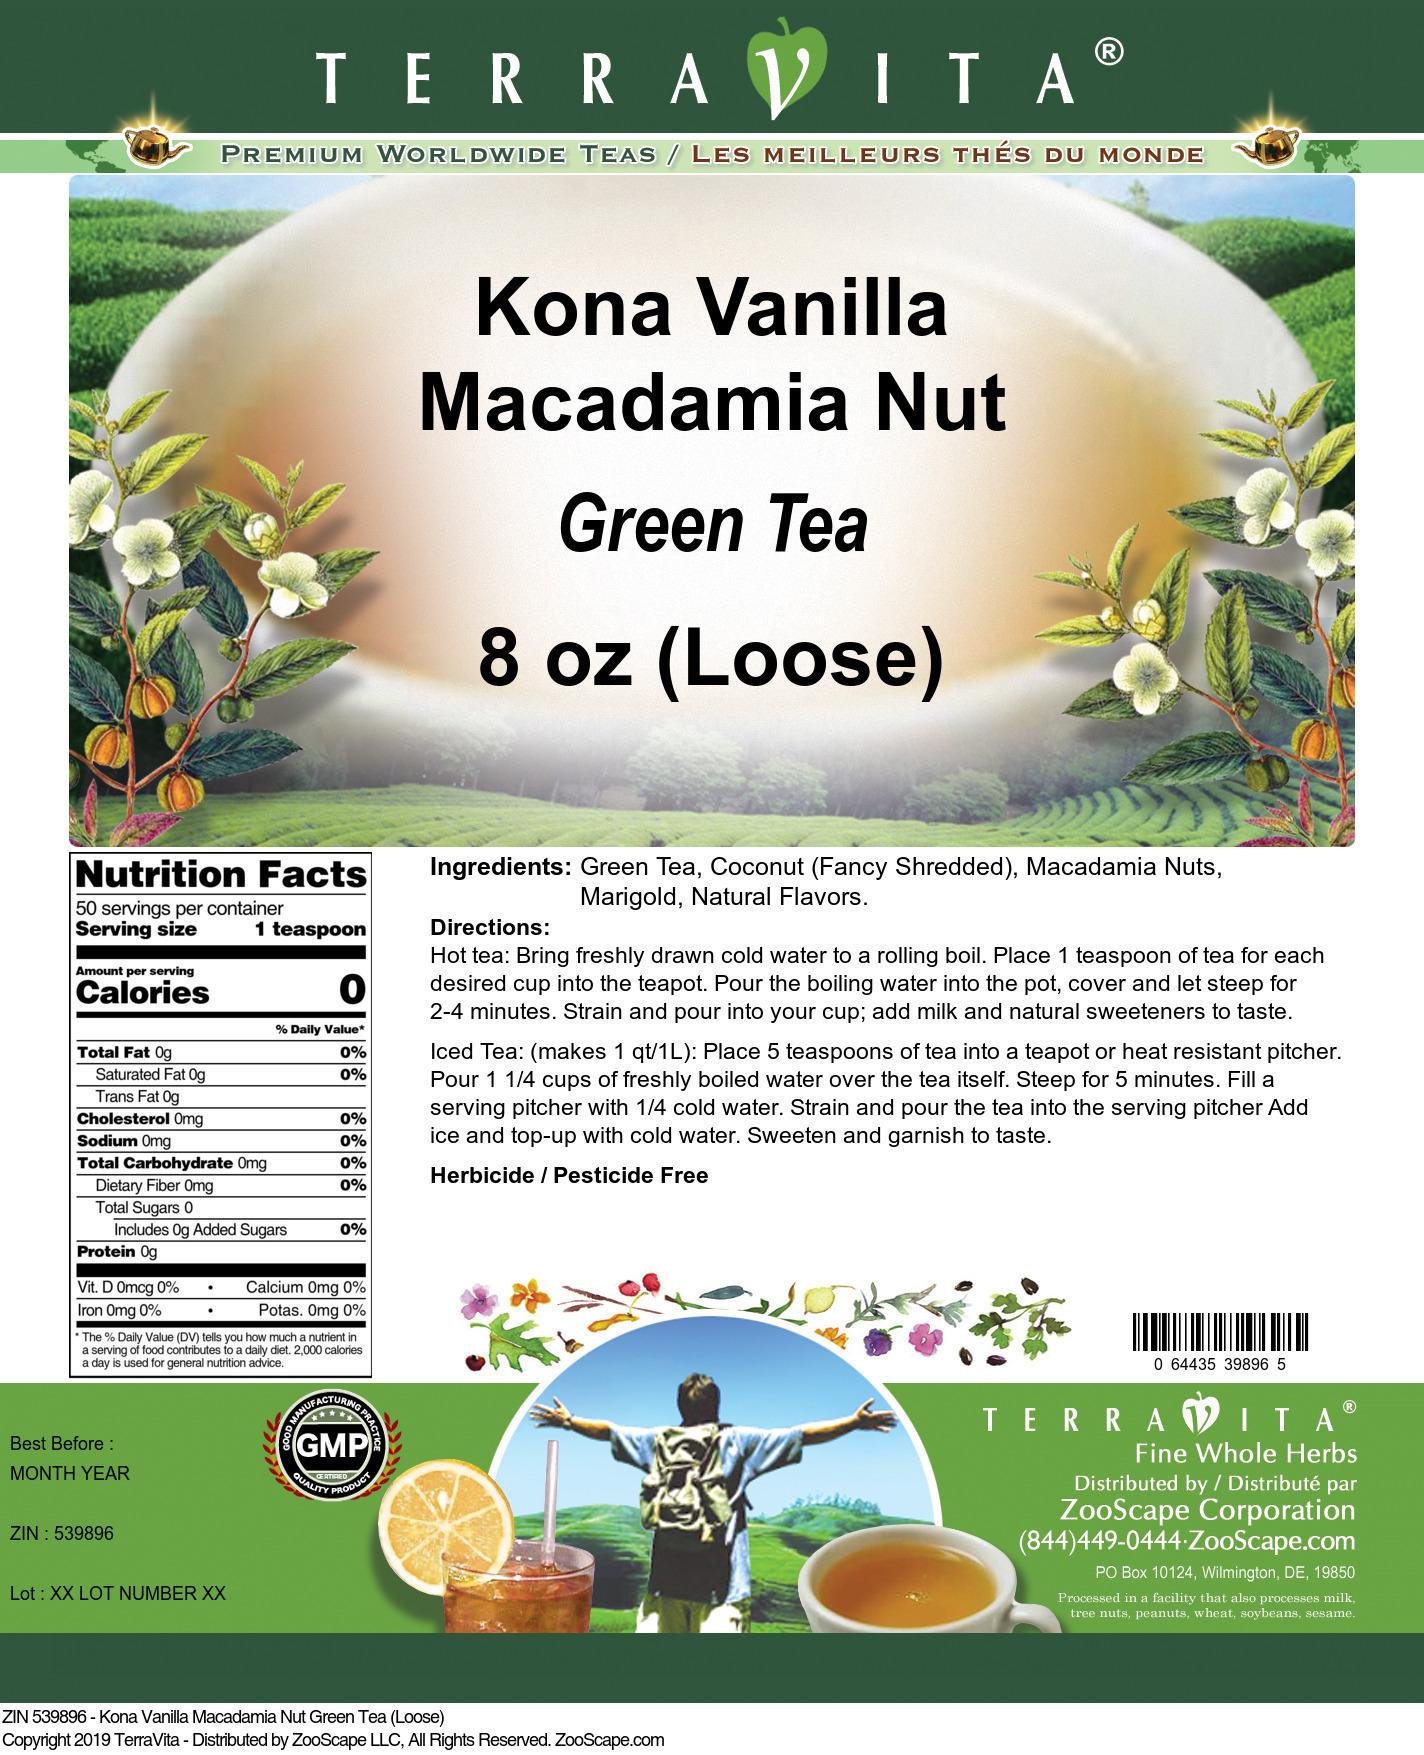 Kona Vanilla Macadamia Nut Green Tea (Loose)